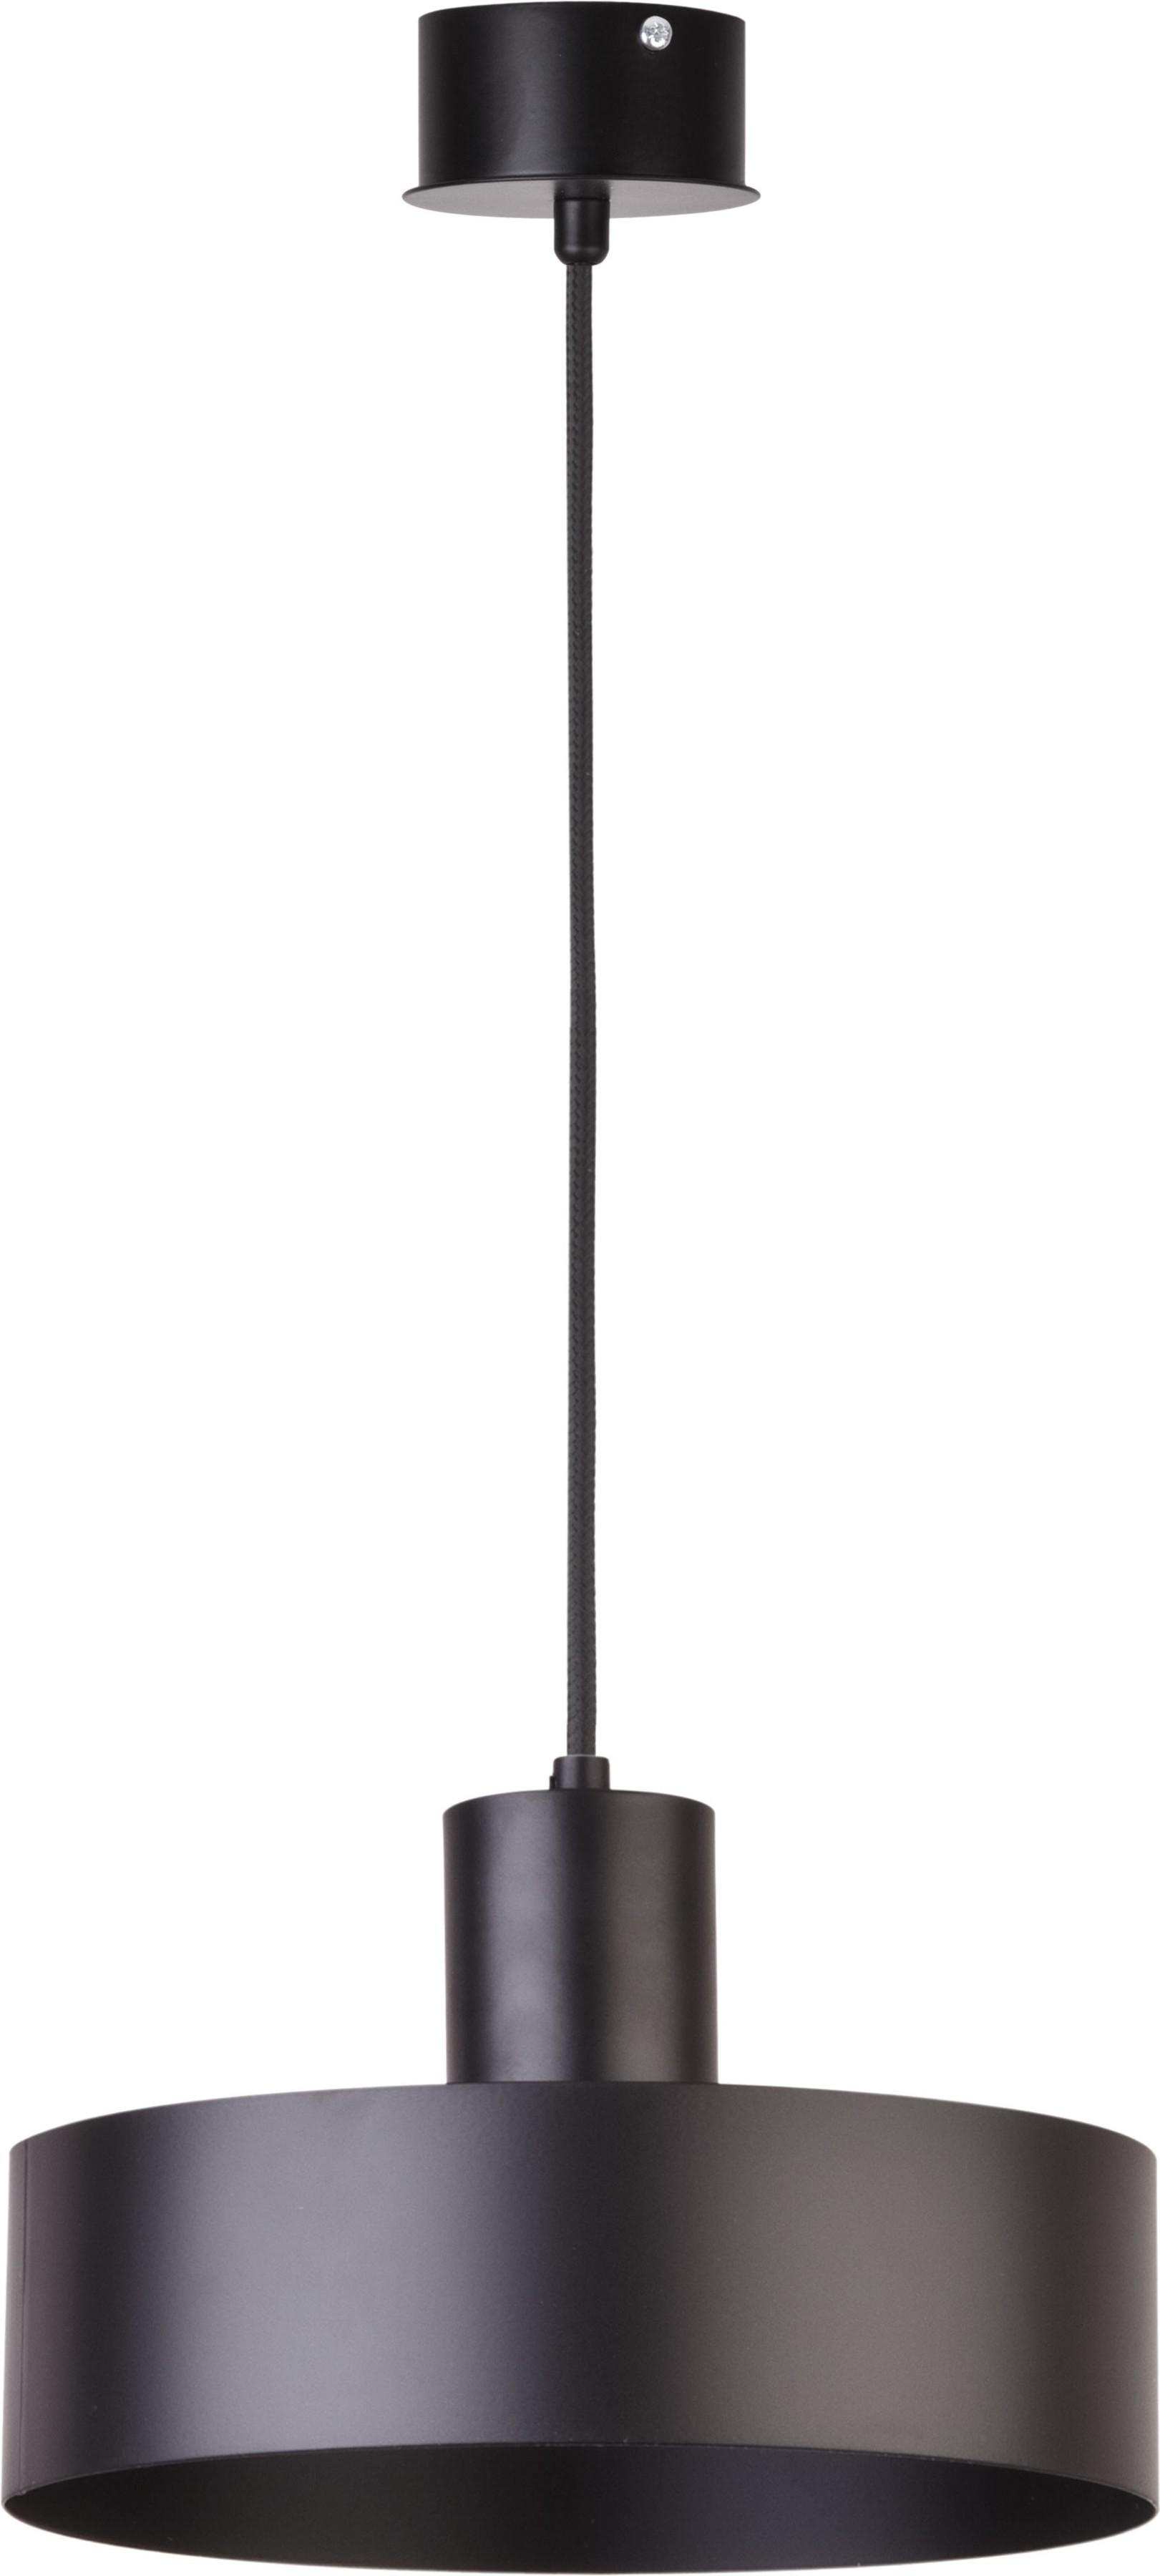 Lampa wisząca Rif 1 M czarna 30896 - Sigma Do -17% rabatu w koszyku i darmowa dostawa od 299zł !